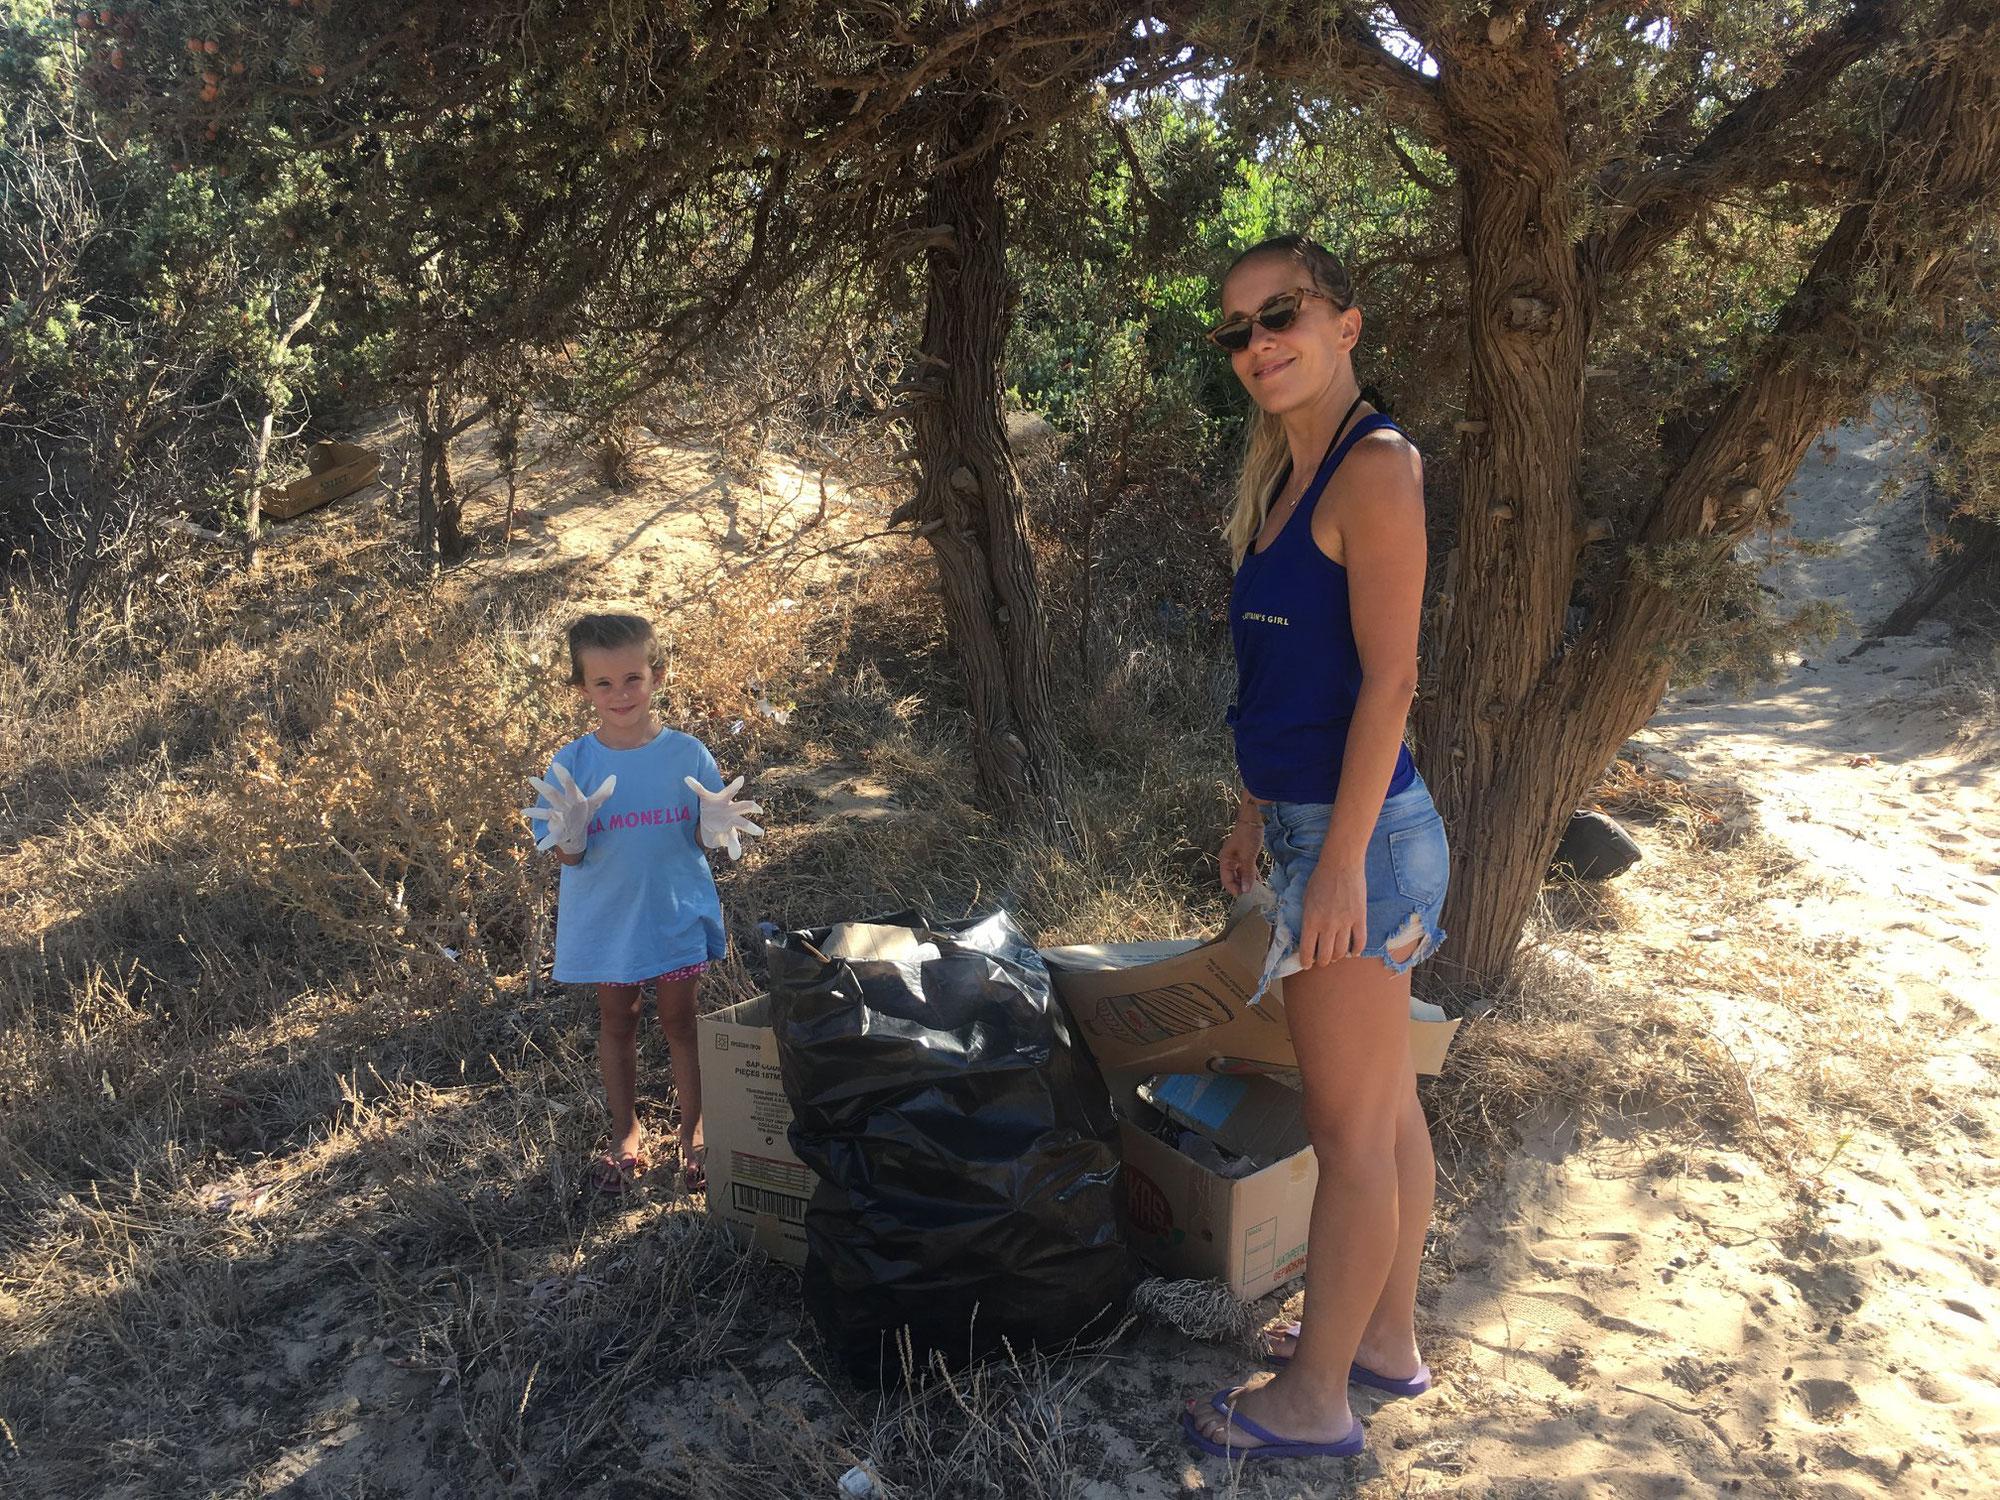 Save the planet: puliamo la nostra isola